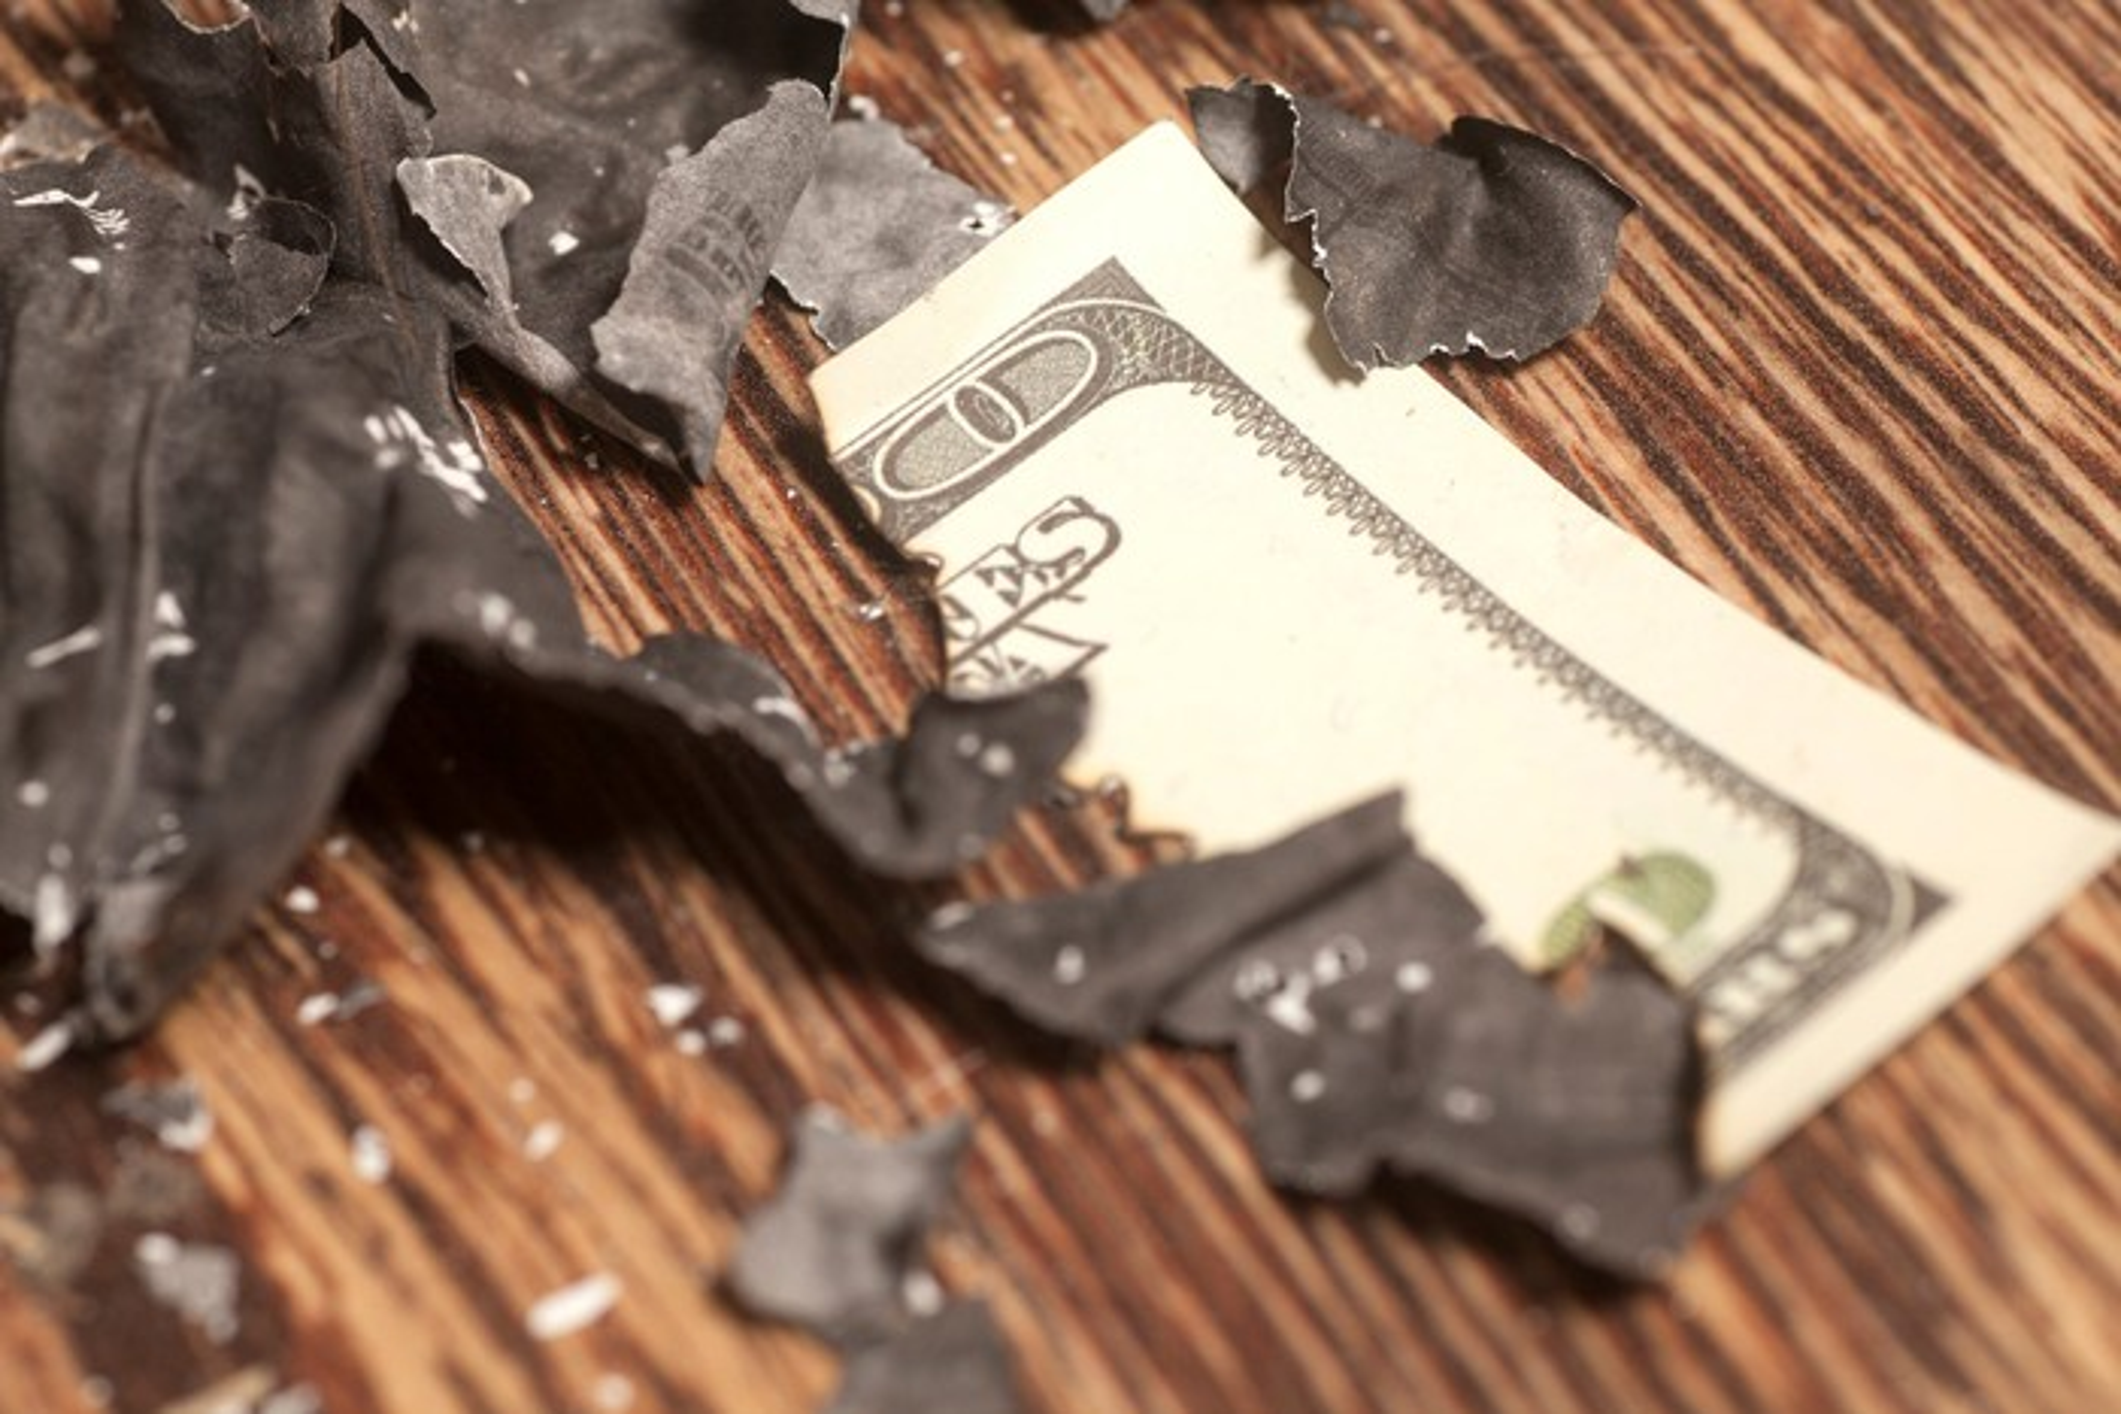 A burned piece of cash.